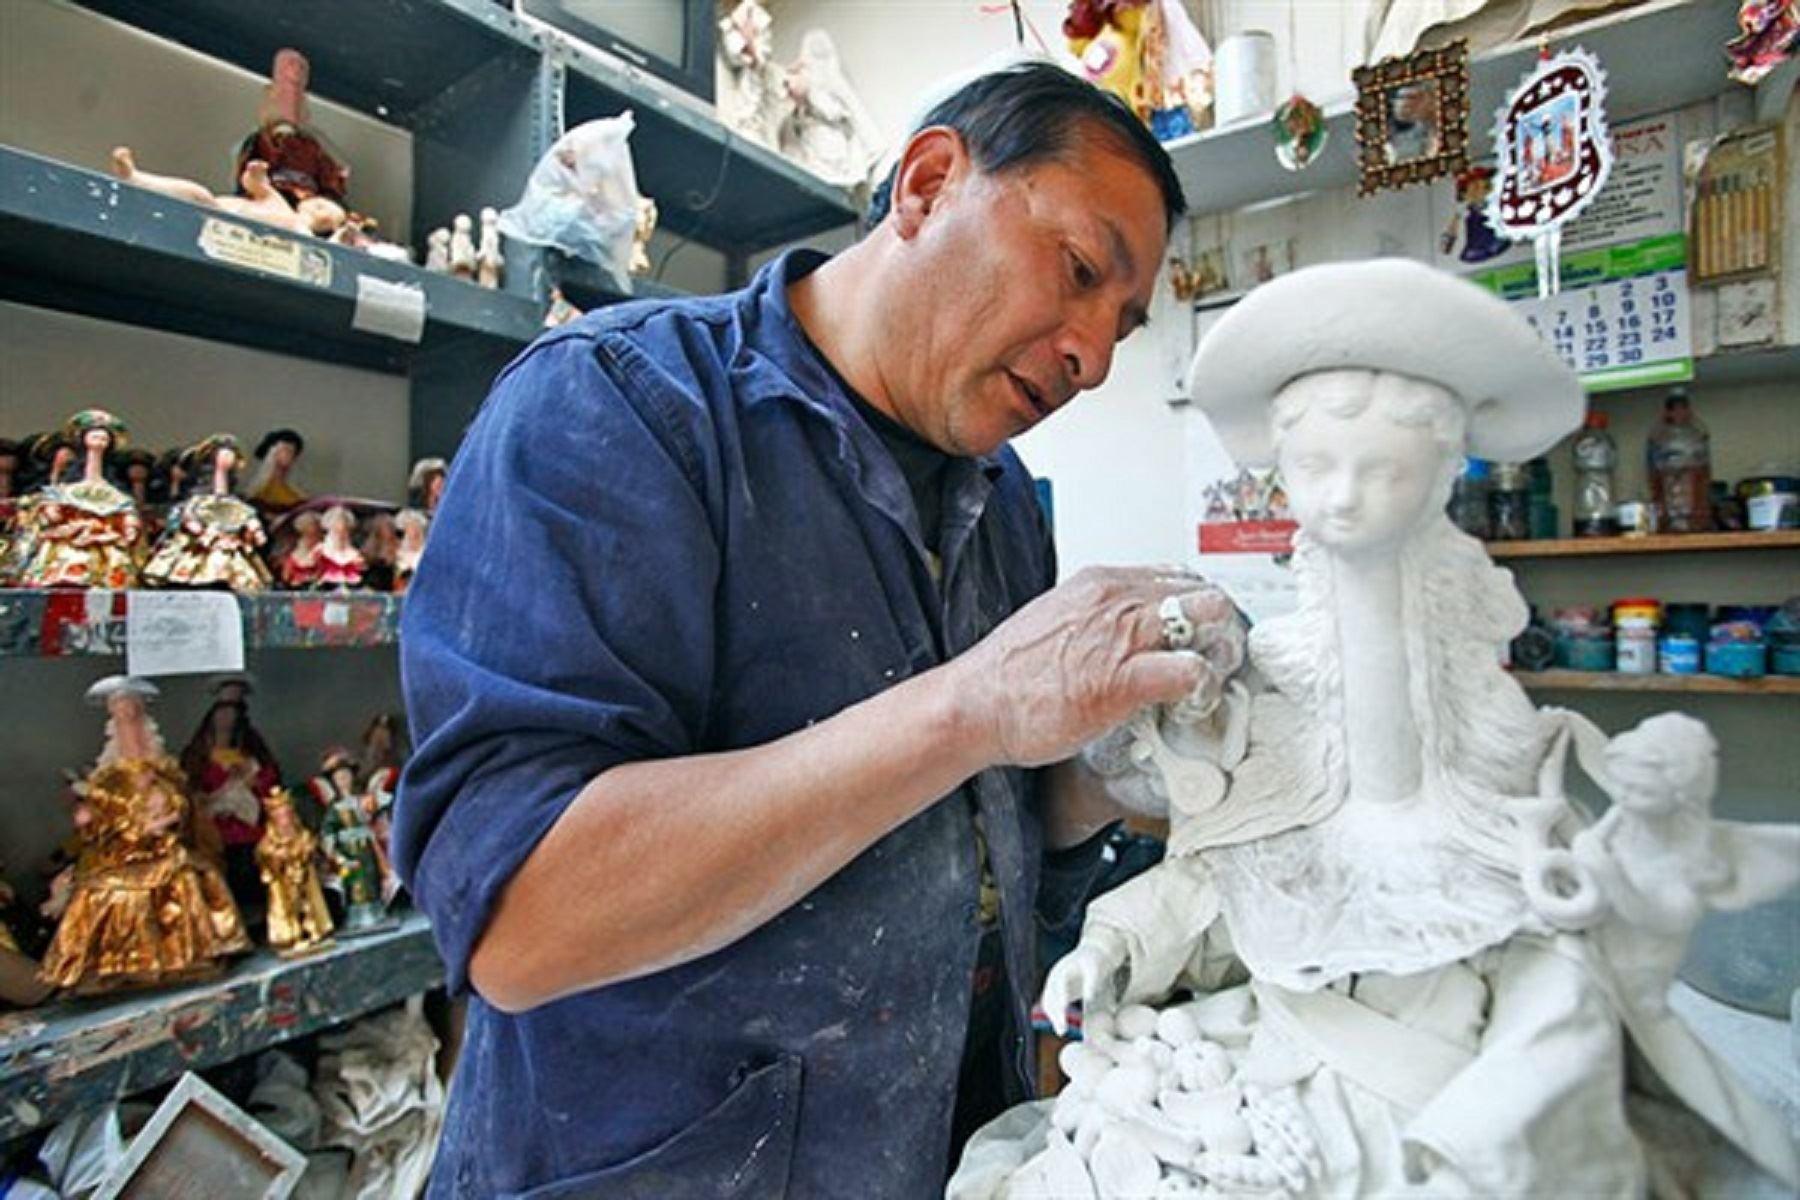 Rubros manufactura, servicios, comercio y artesanías  Foto: Archivo